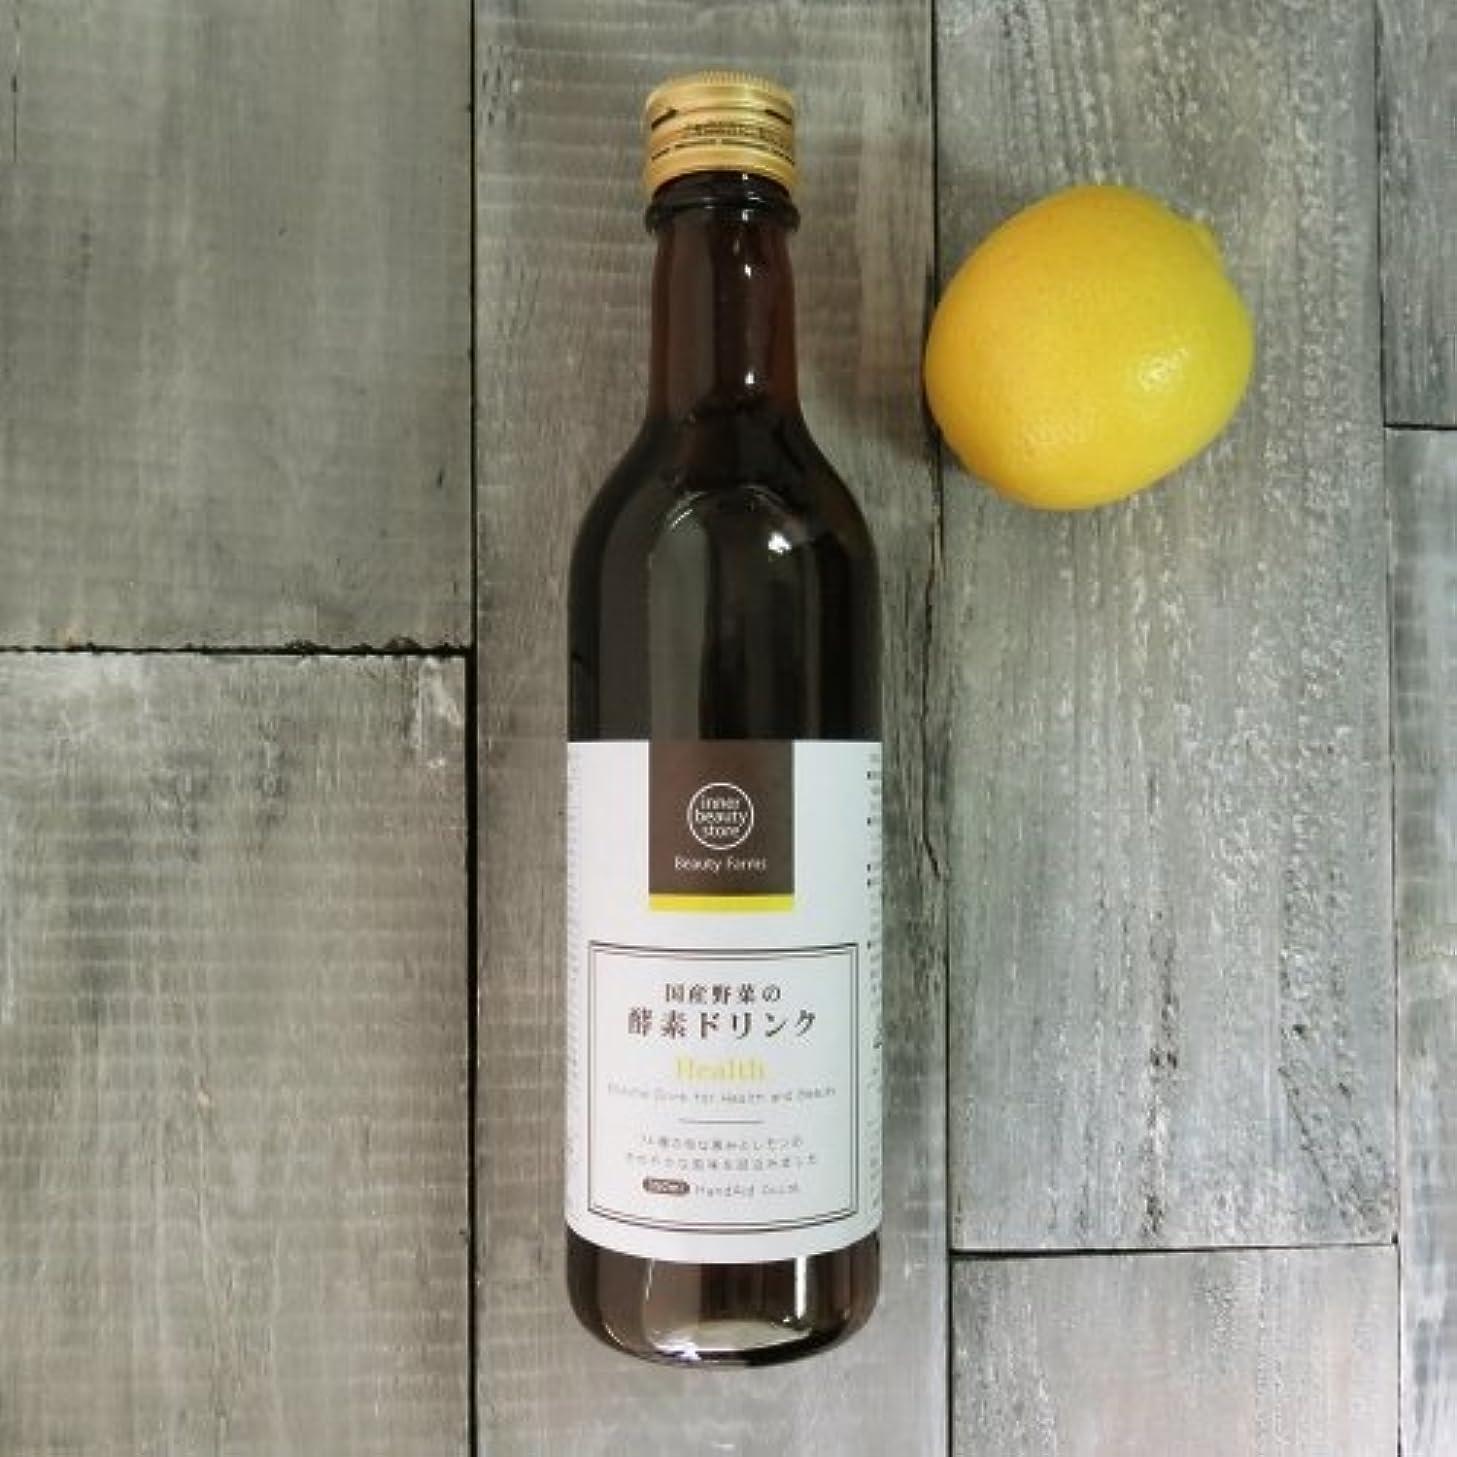 スクリュー希望に満ちたドロップ国産野菜の酵素ドリンクHealth?レモン 350ml/ビューティーファームズ